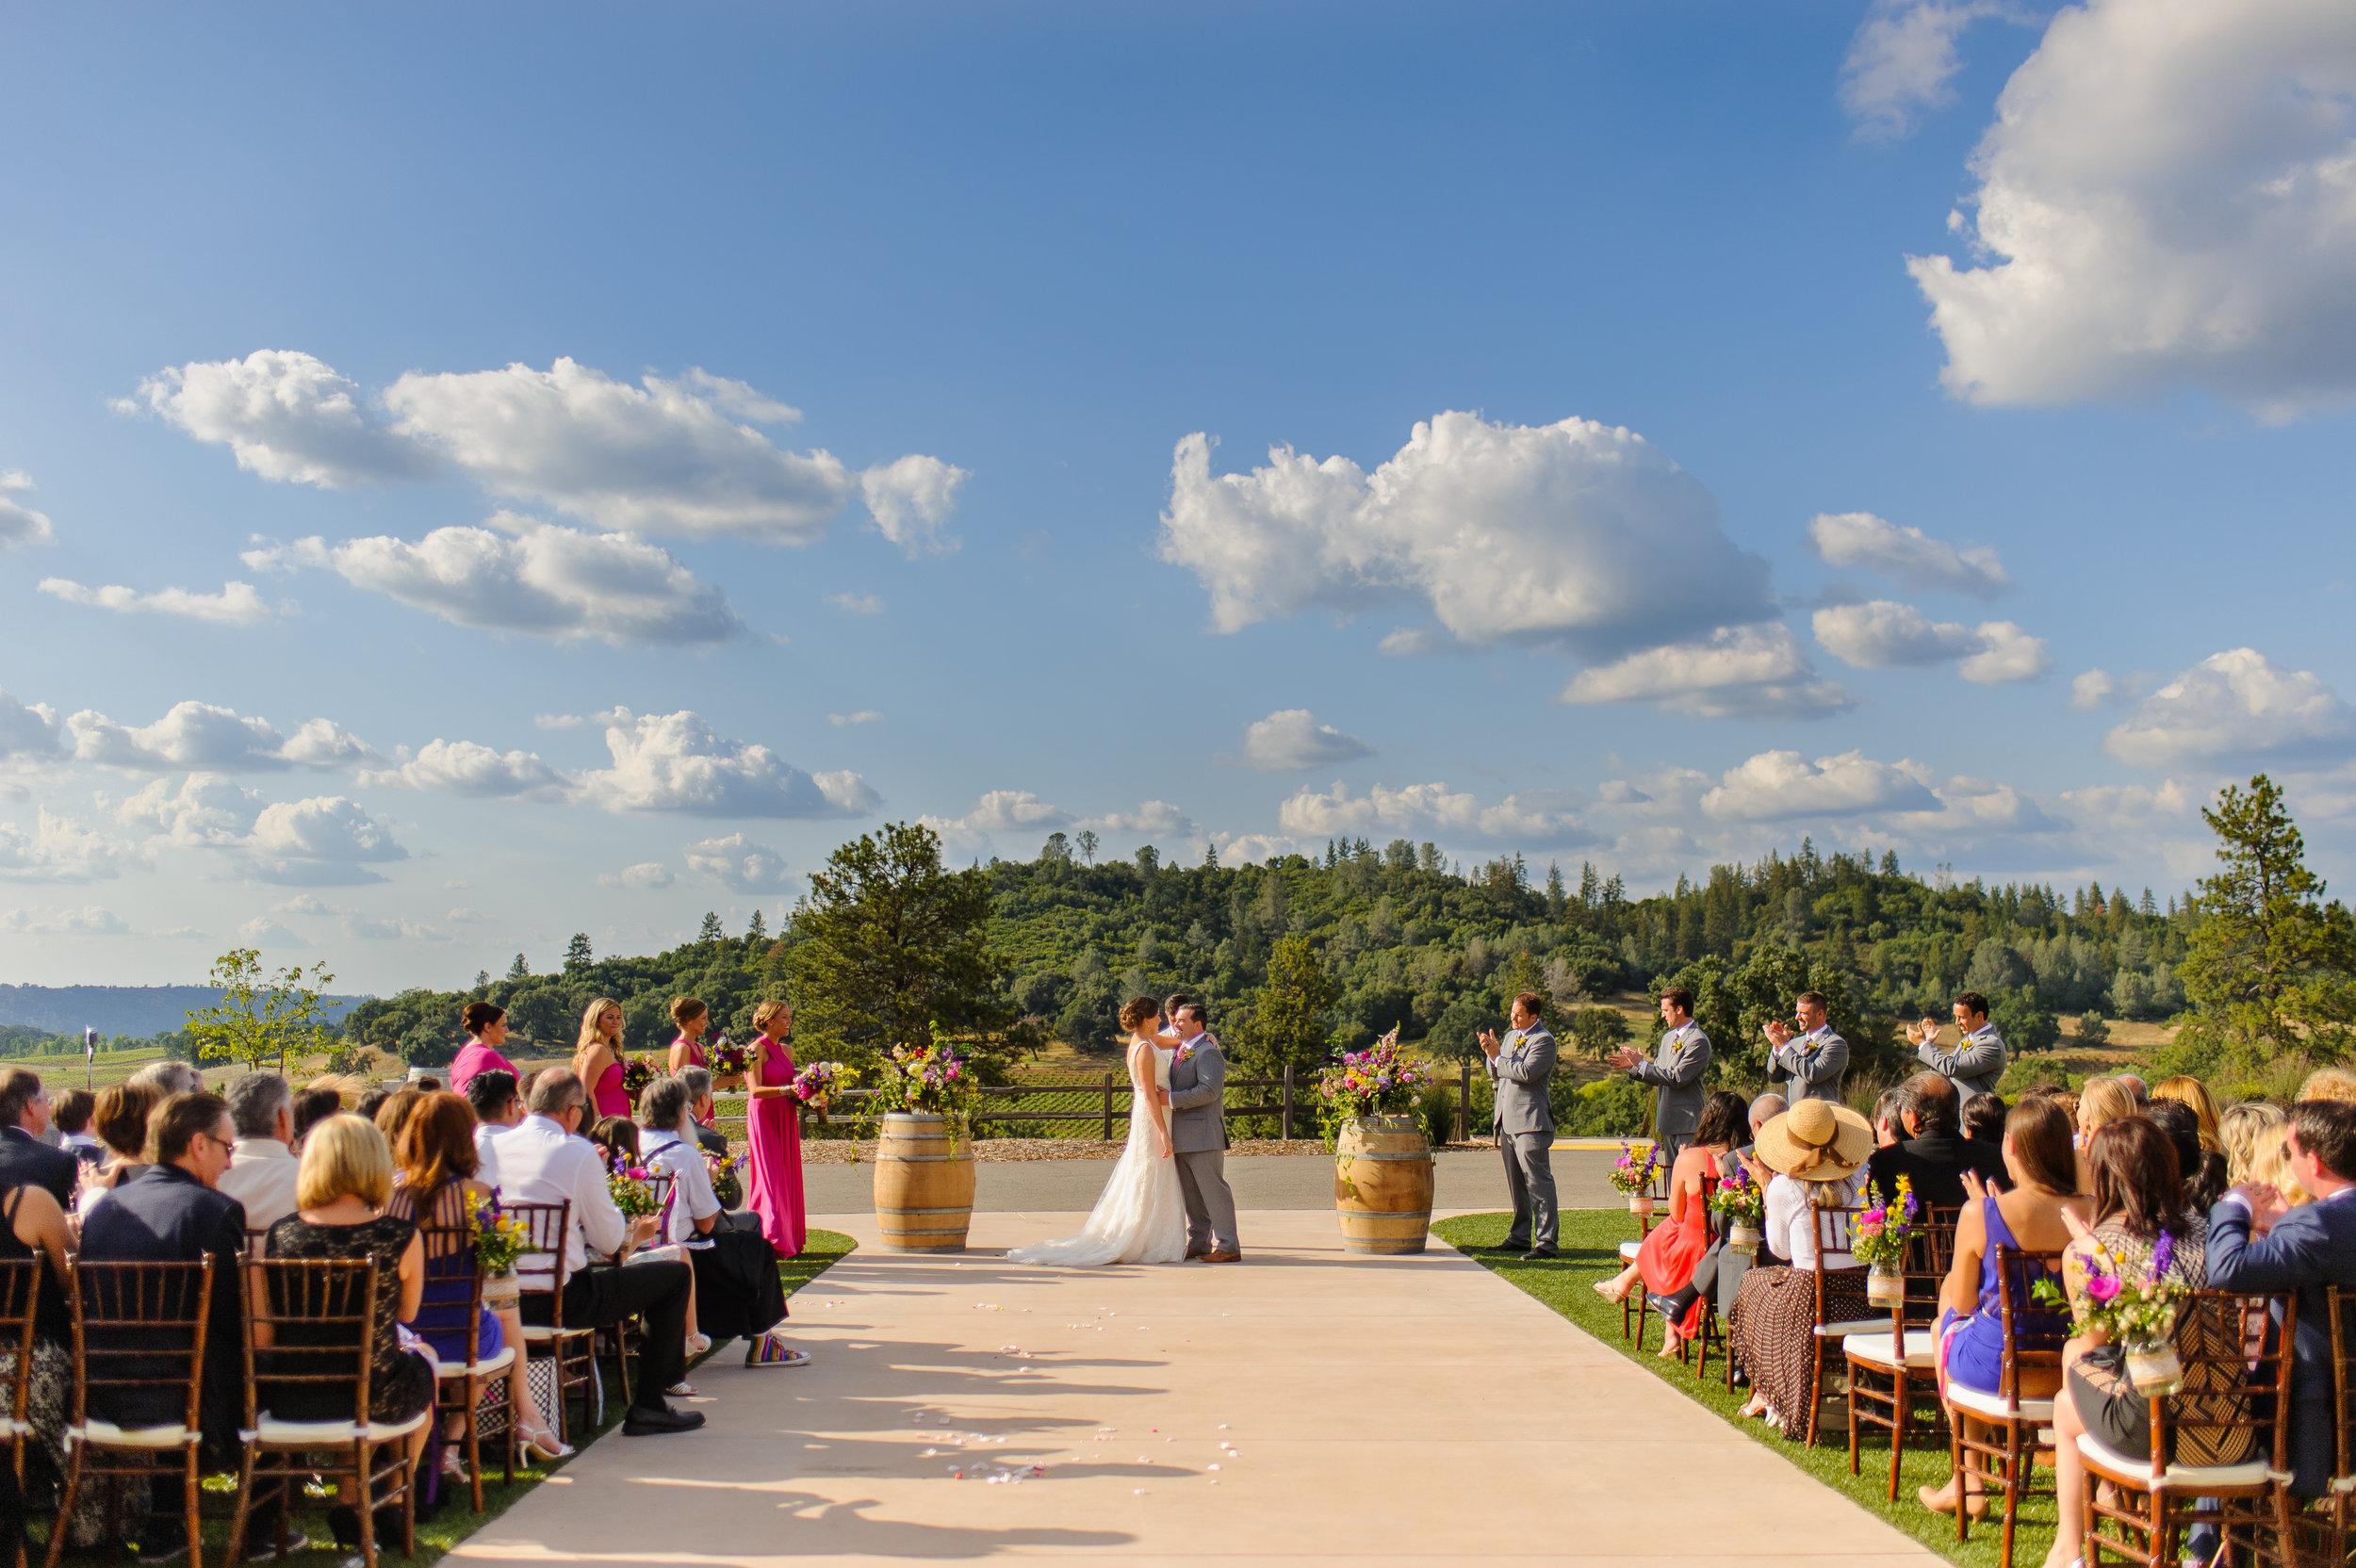 casey-sasha-018-helwig-winery-plymouth-wedding-photographer-katherine-nicole-photography.JPG